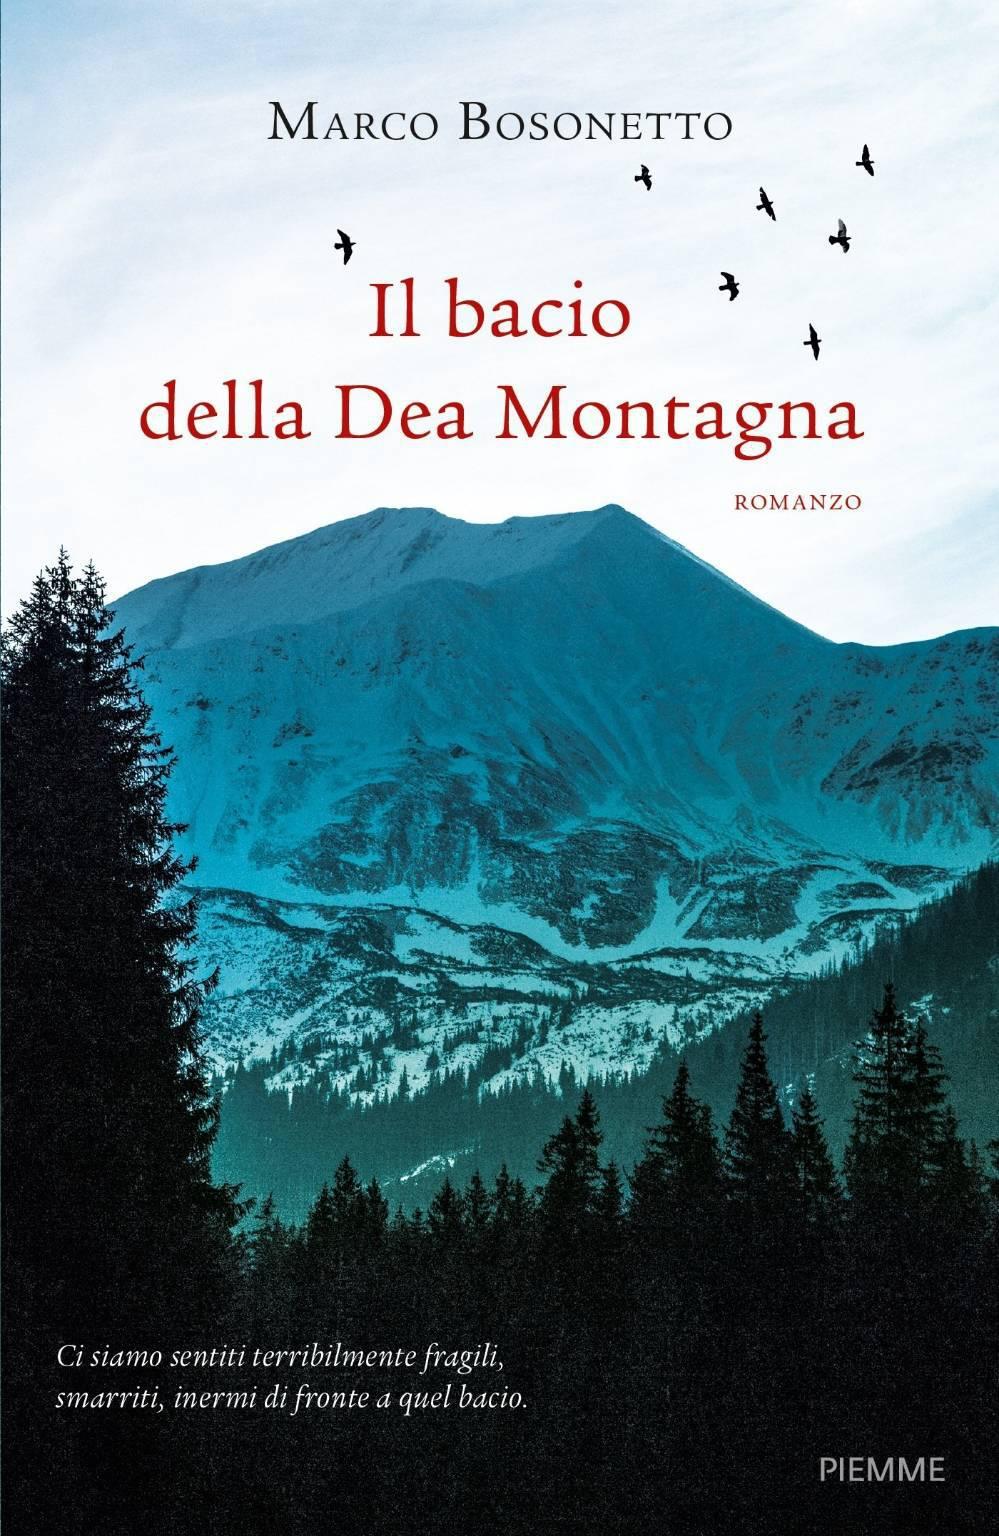 Il bacio della montagna di Marco Bosonetto